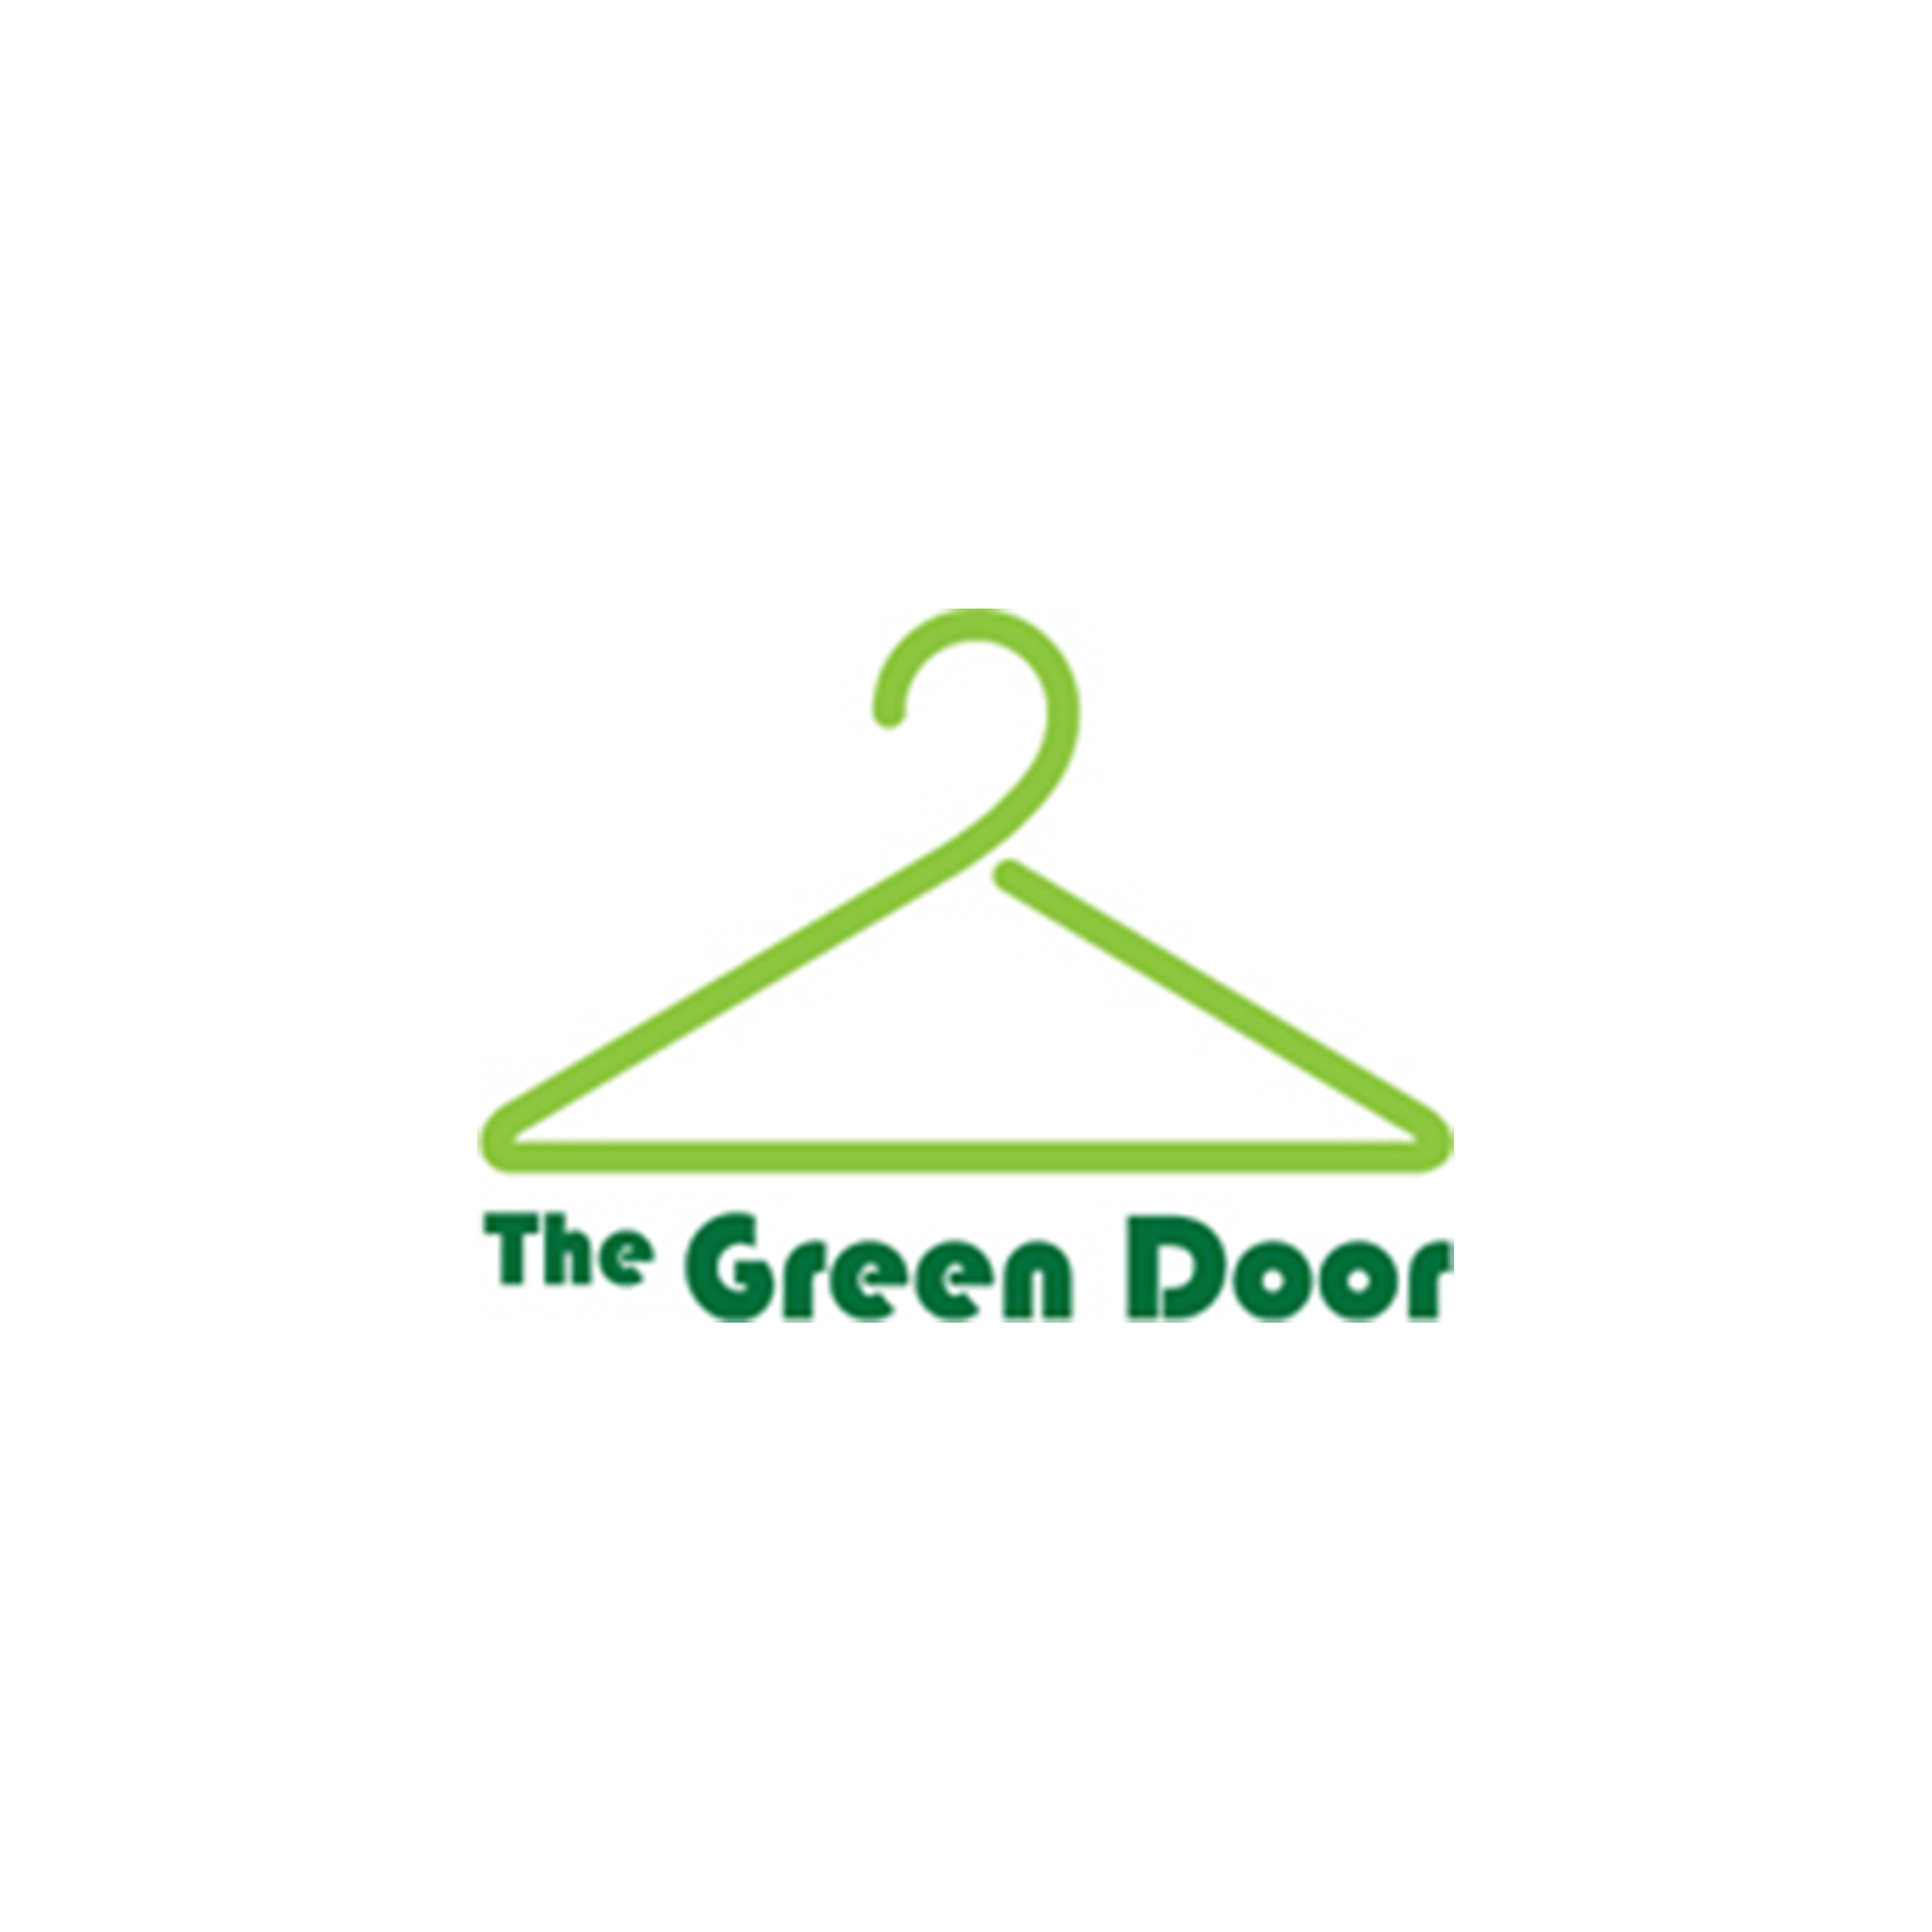 thegreedoor.jpg